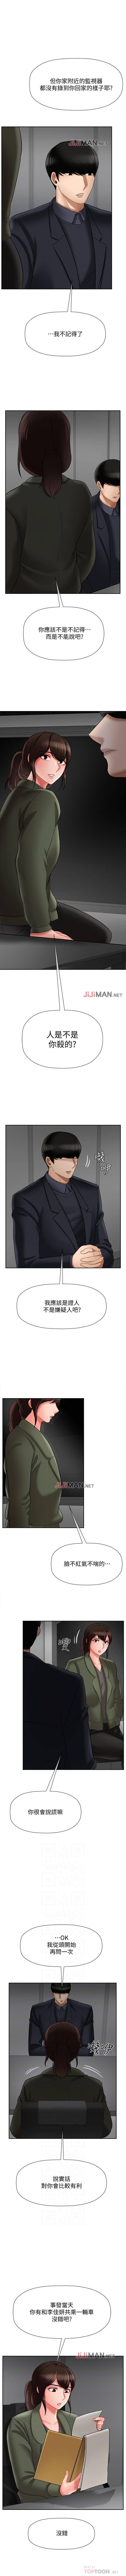 【已休刊】坏老师(作者:朴世談&福) 第1~31话 164